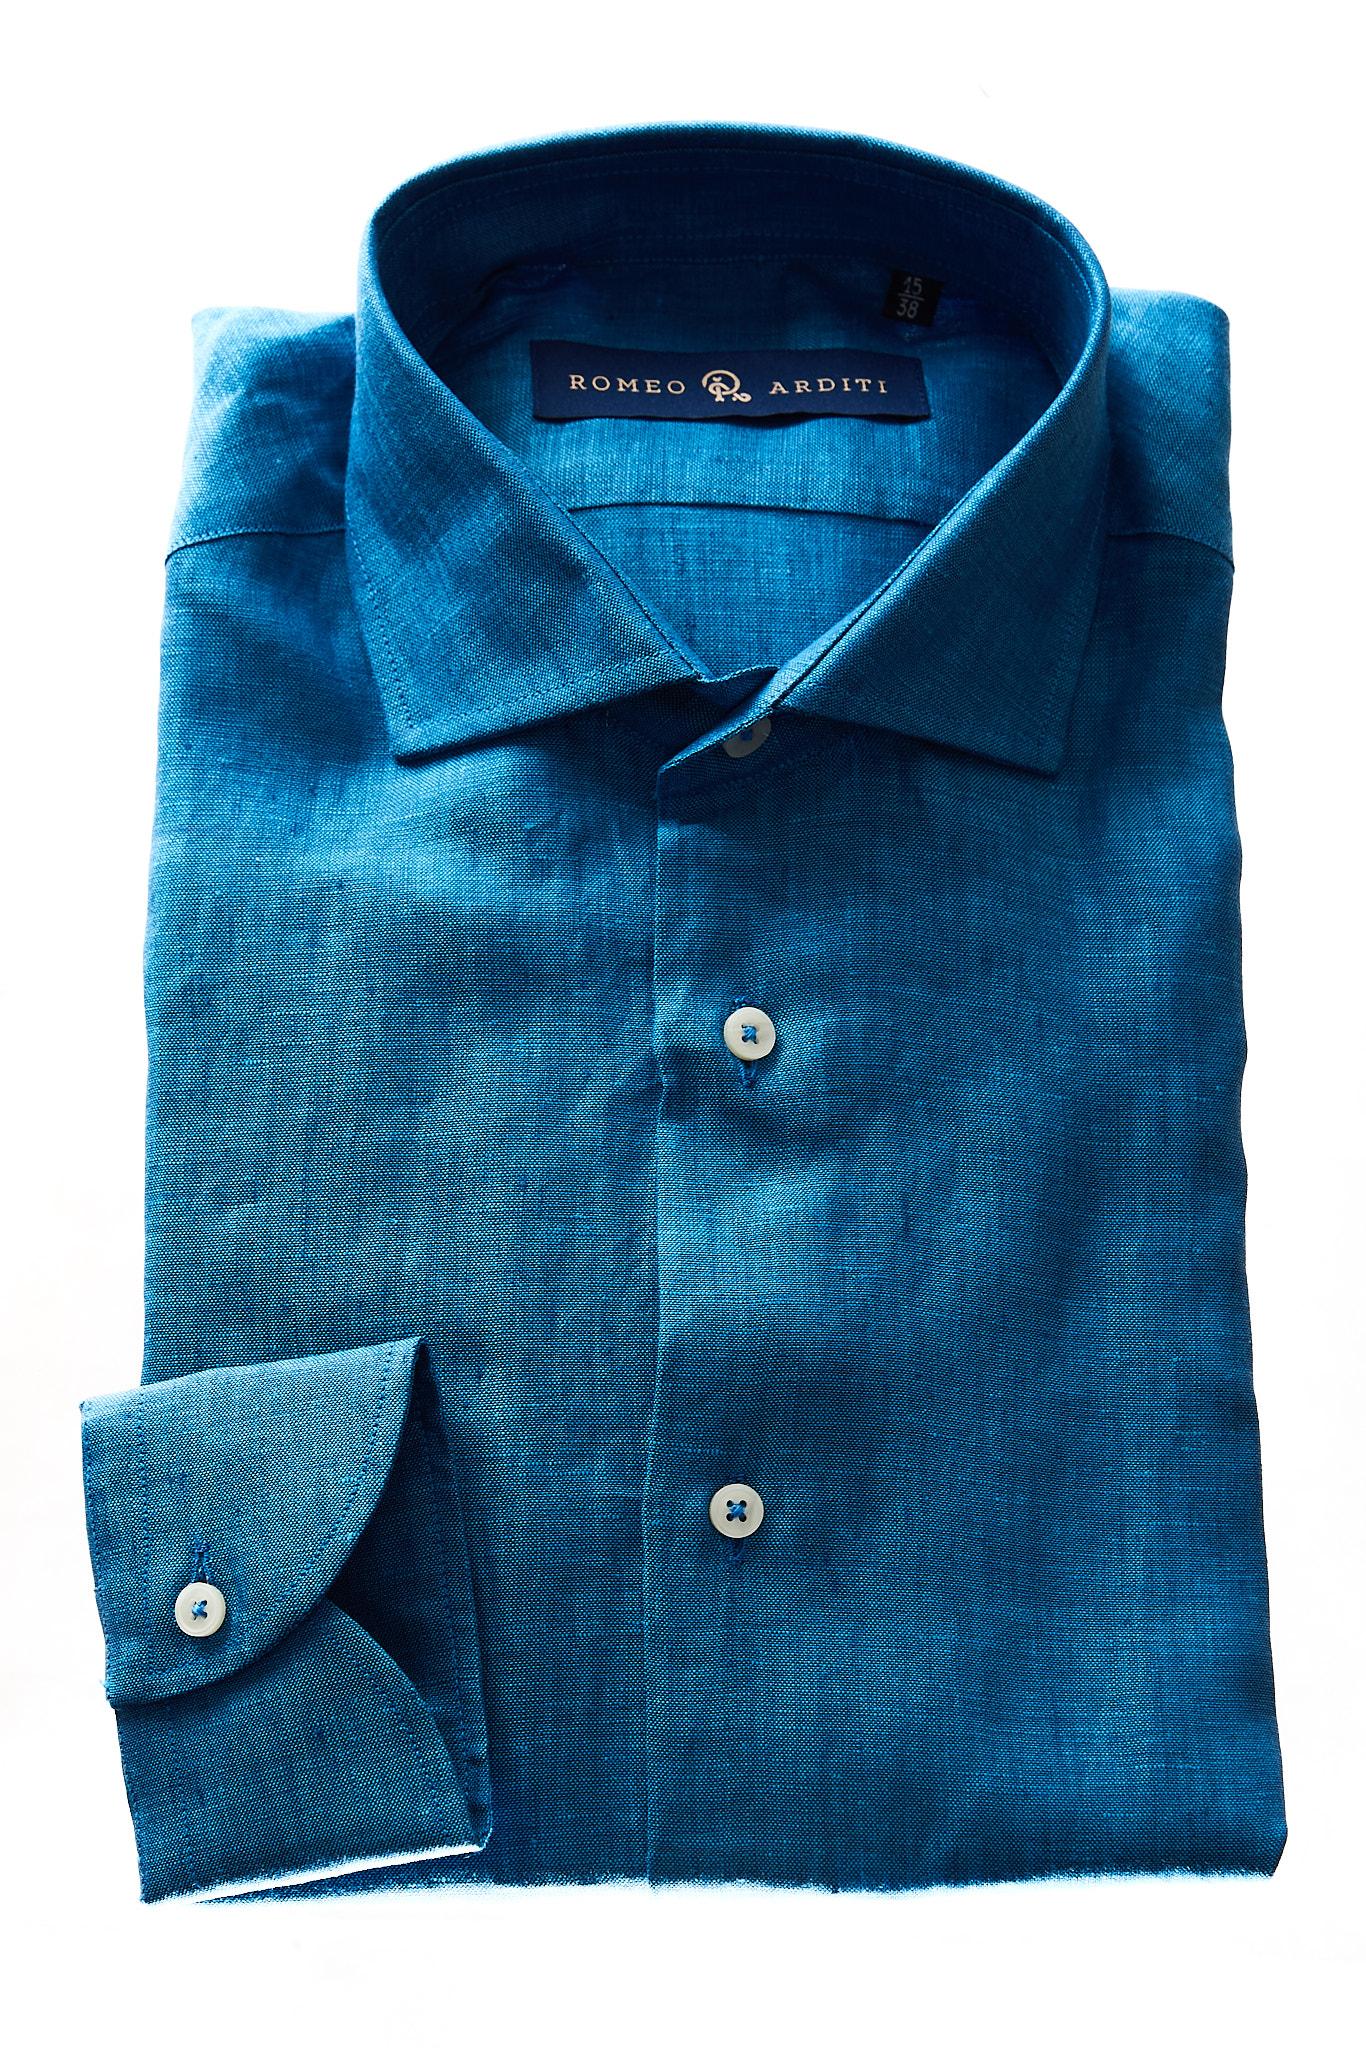 Camicia ROMEO ARDITI | Camicia | TS0554030